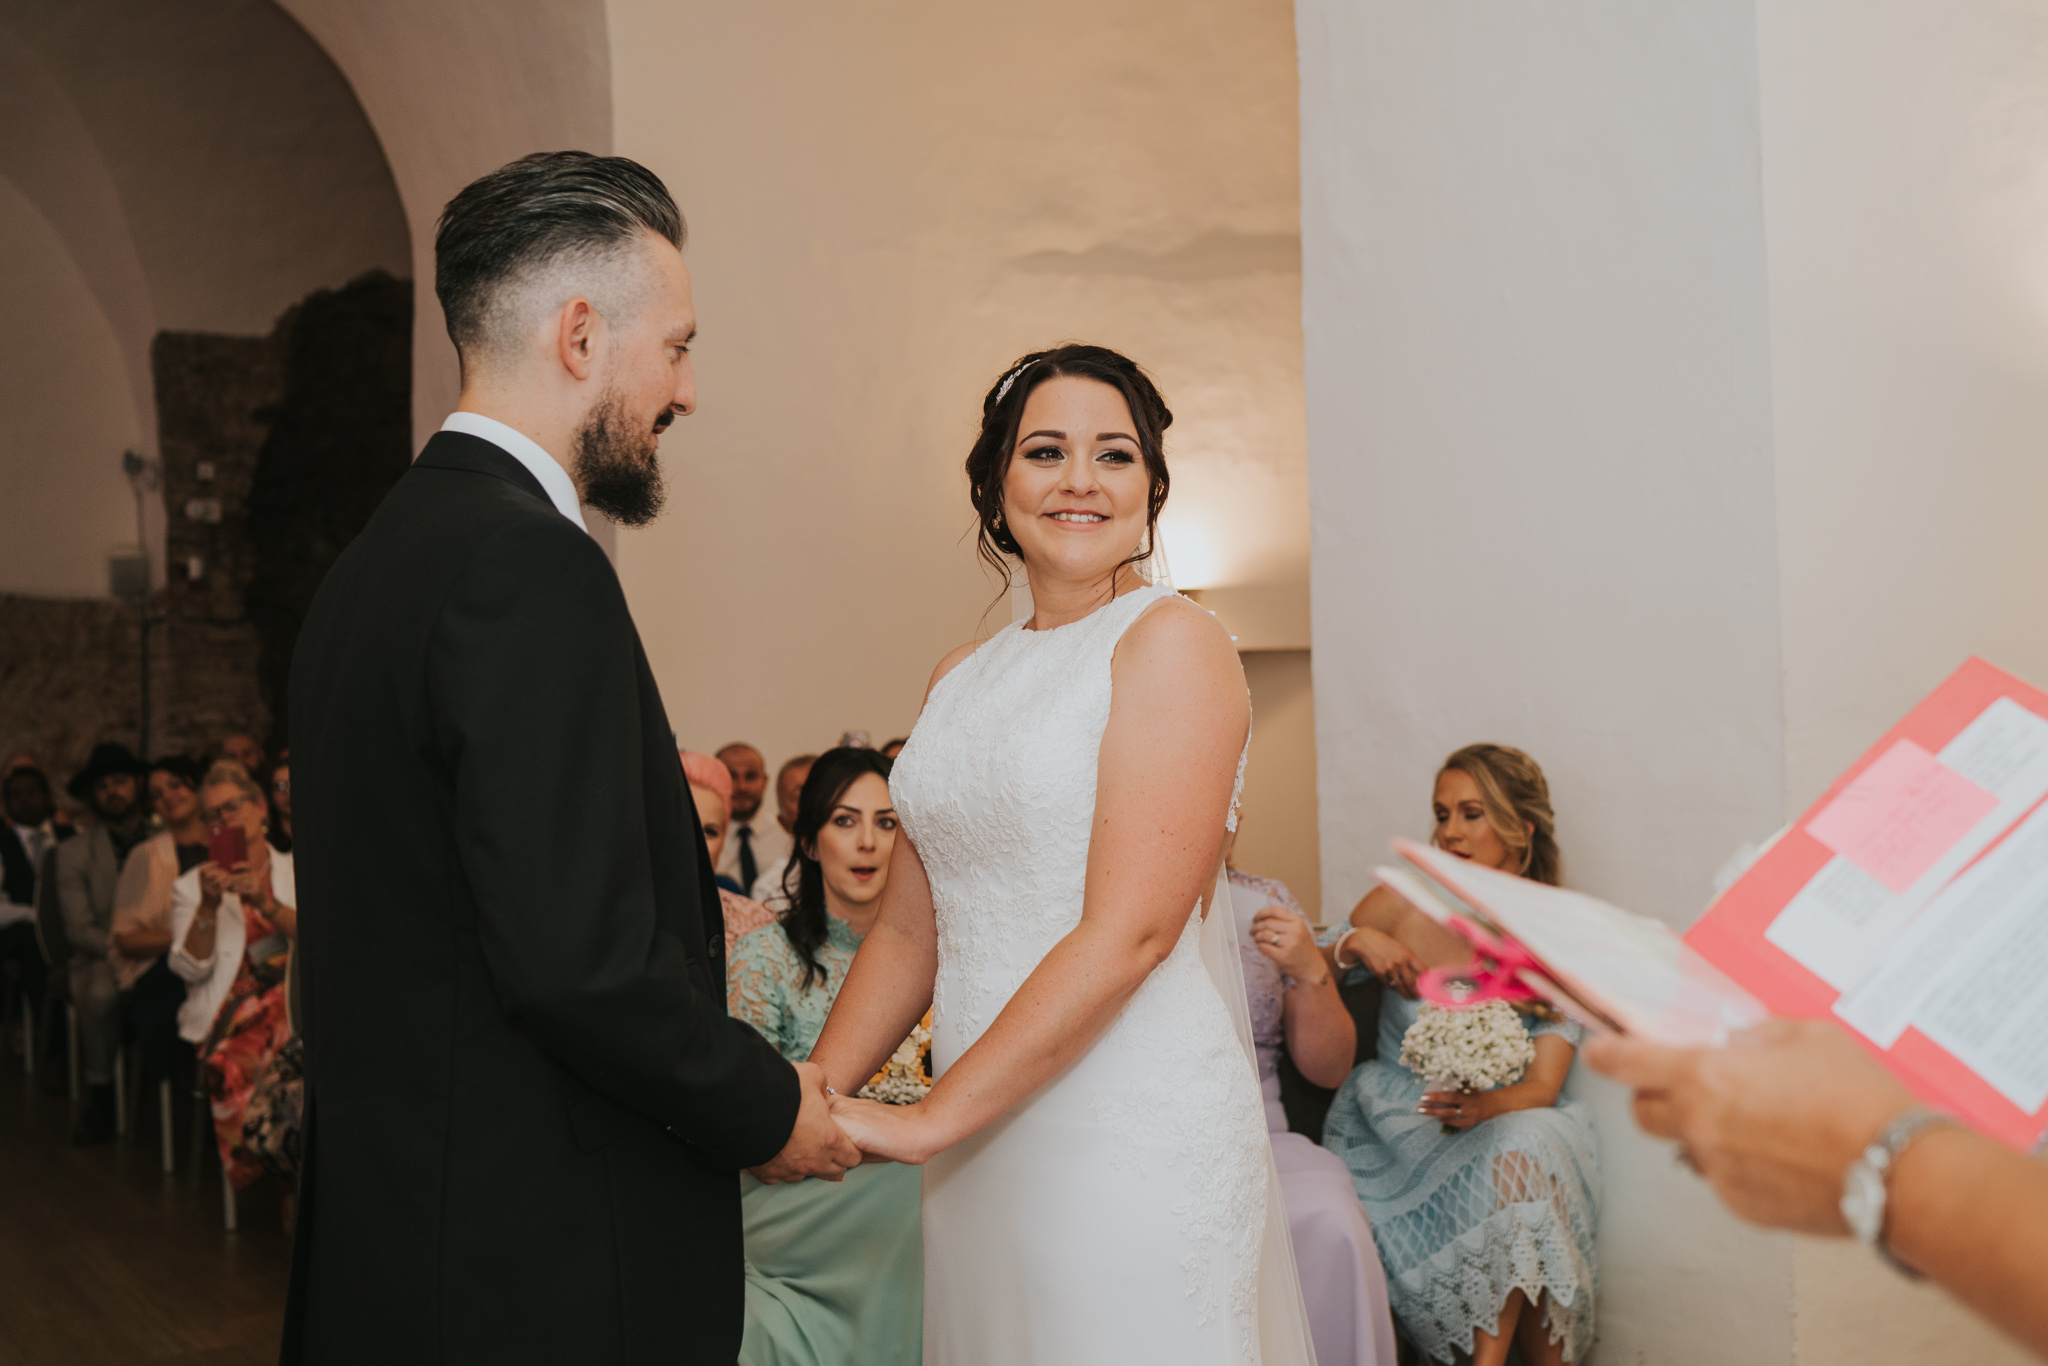 Joe-Tiffany-Colchester-Castle-Wedding-Essex-Grace-Elizabeth-Colchester-Essex-Alternative-Wedding-Photographer-Suffolk-Norfolk-Devon (52 of 122).jpg